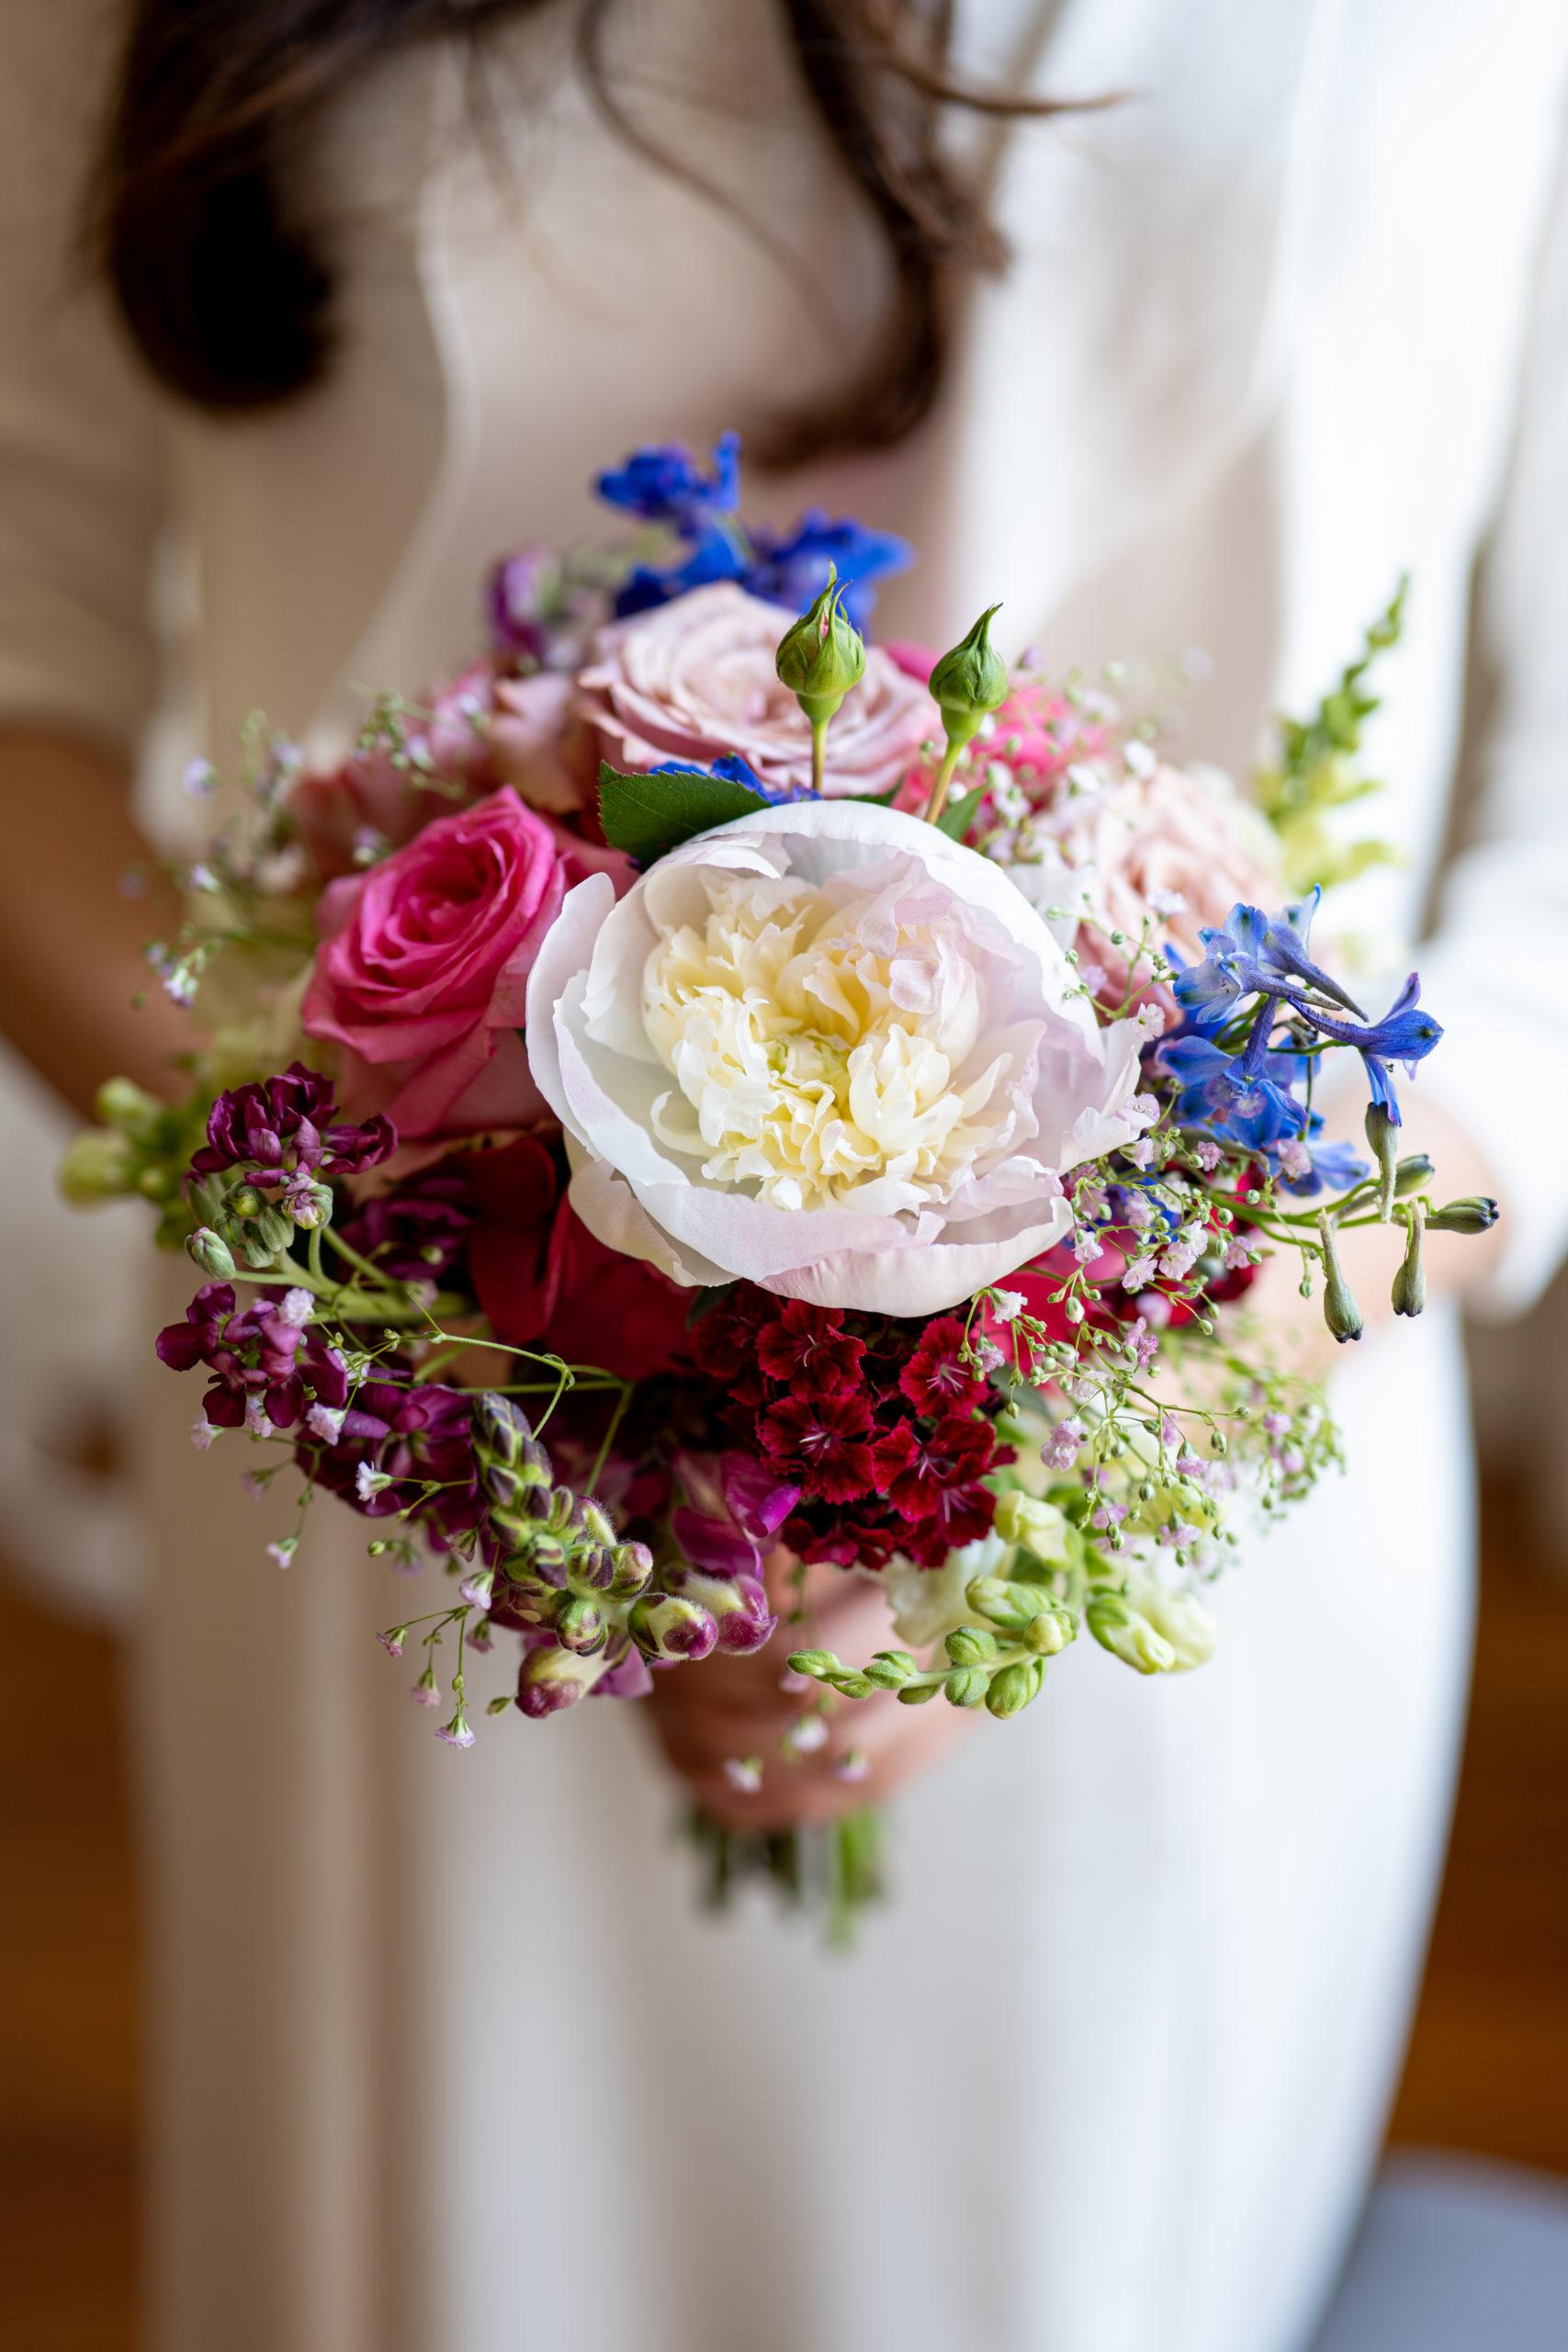 Hochzeitsfotografie, Hochzeitsfilm, Herbsthochzeit, Getting ready, Brautkleid, Brautschleier